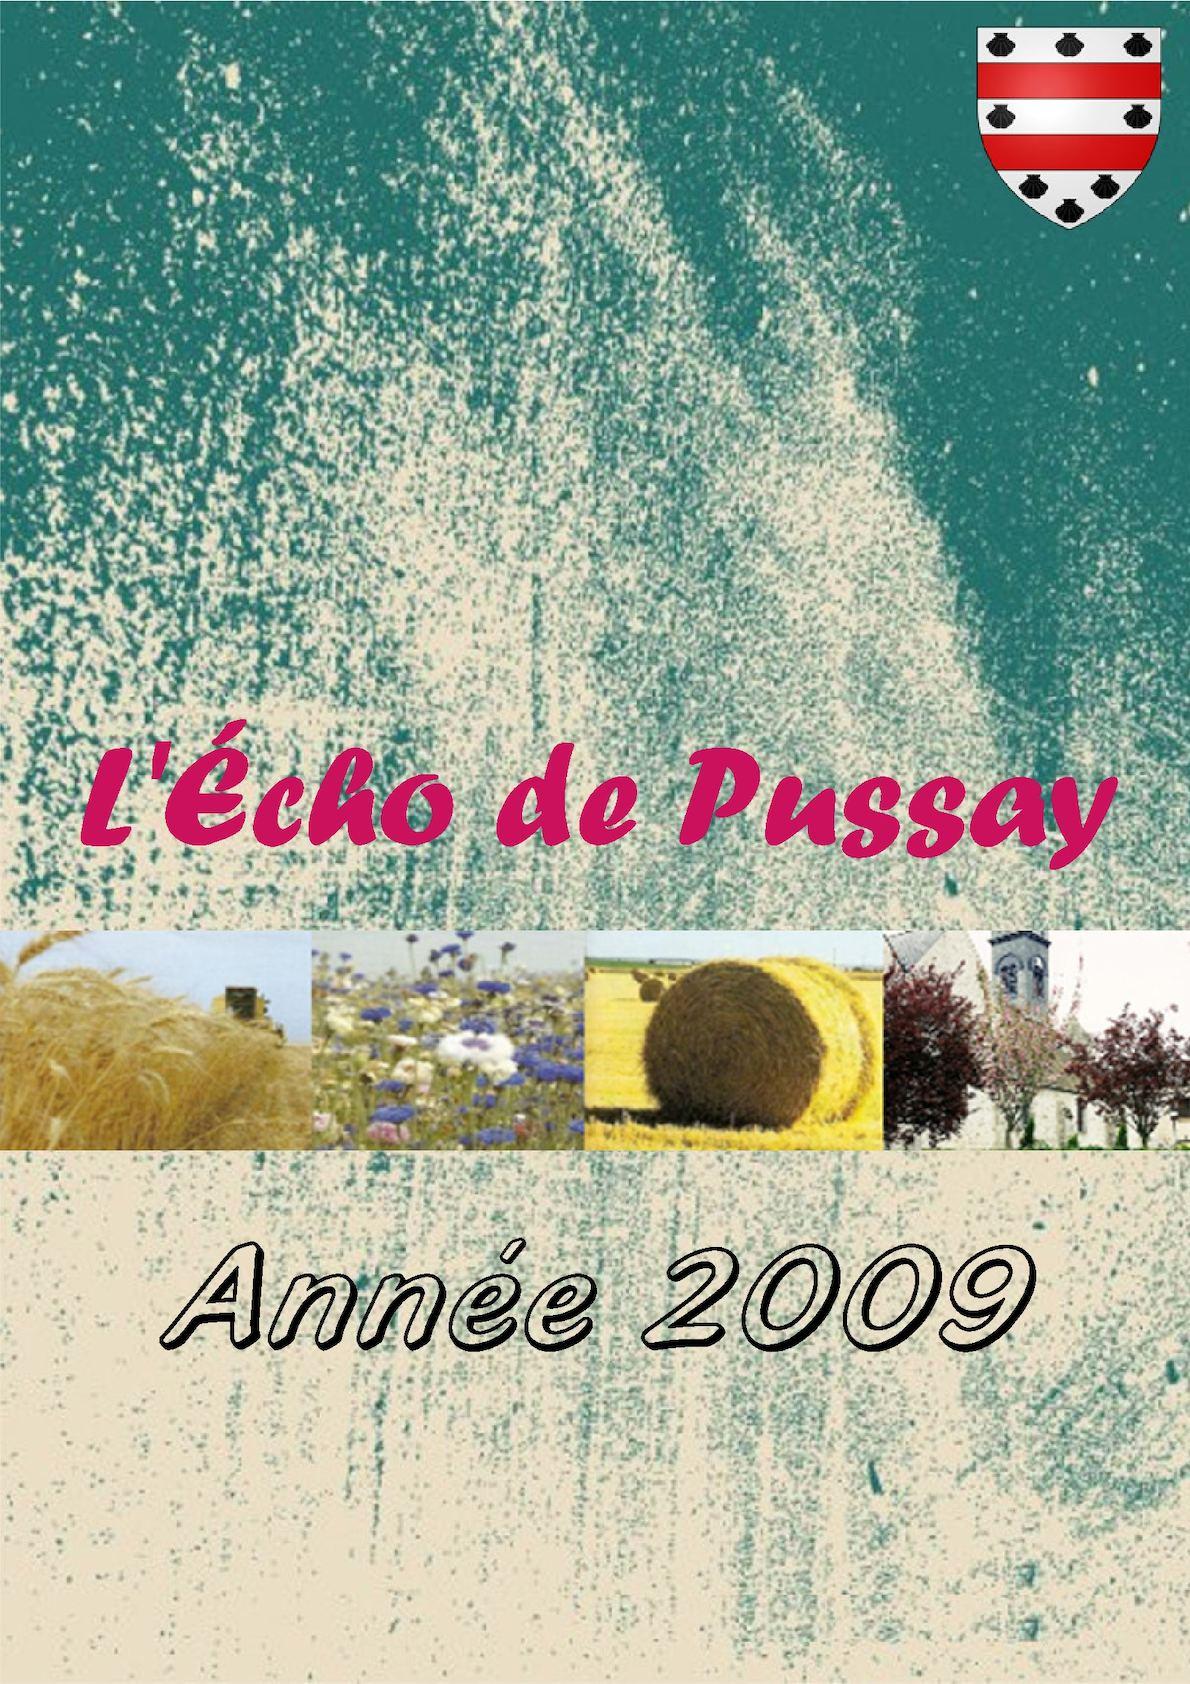 Calaméo 2009